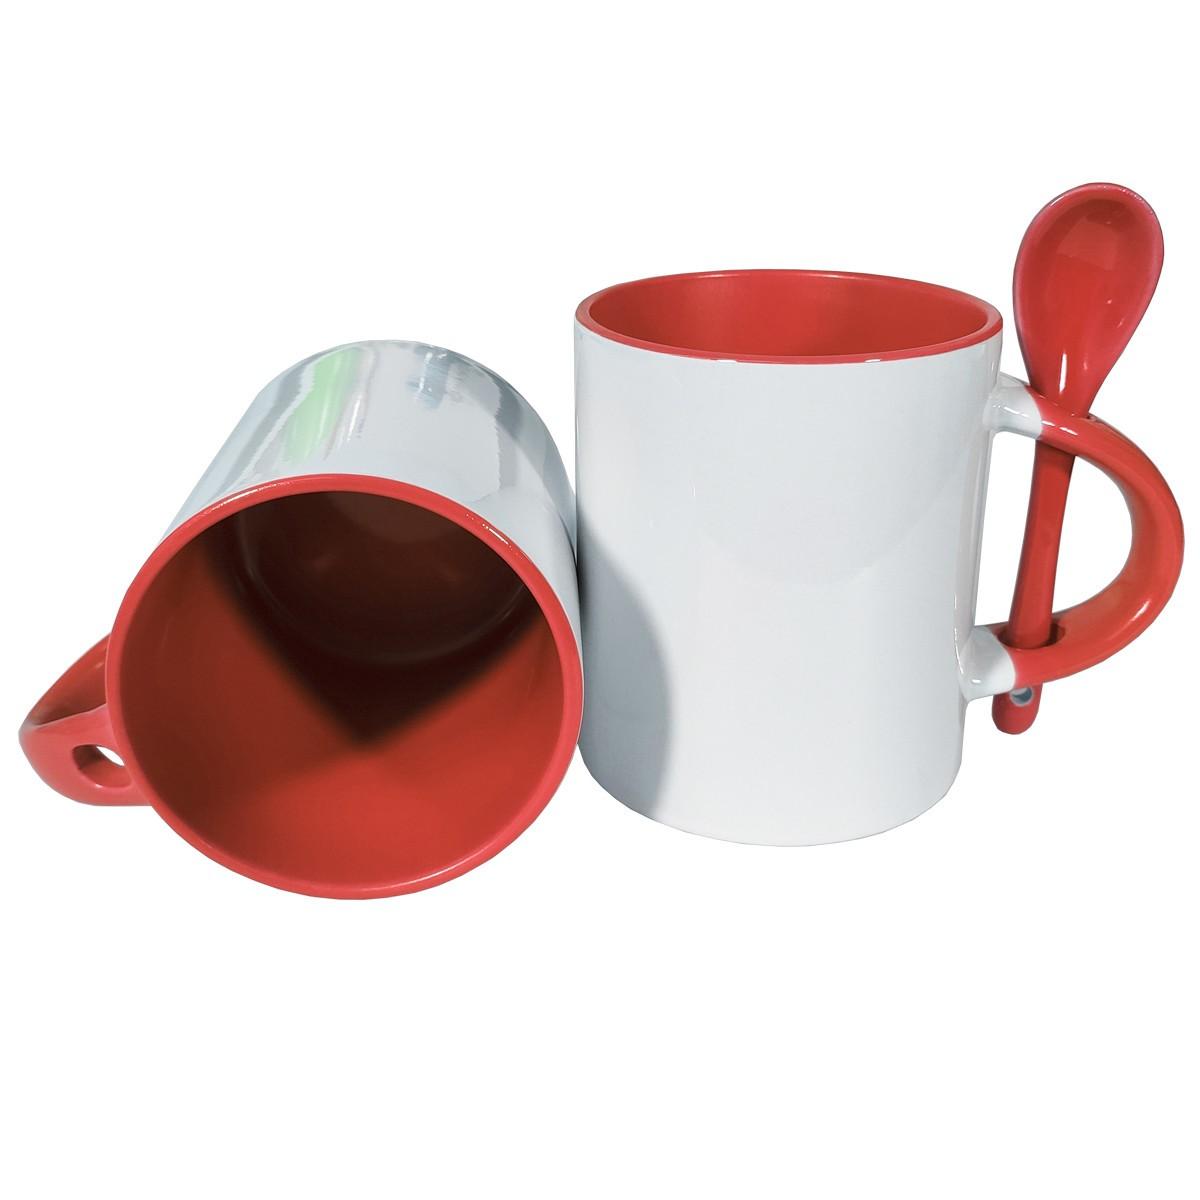 CANECA COM COLHER E INTERIOR COLORIDO - Vermelha